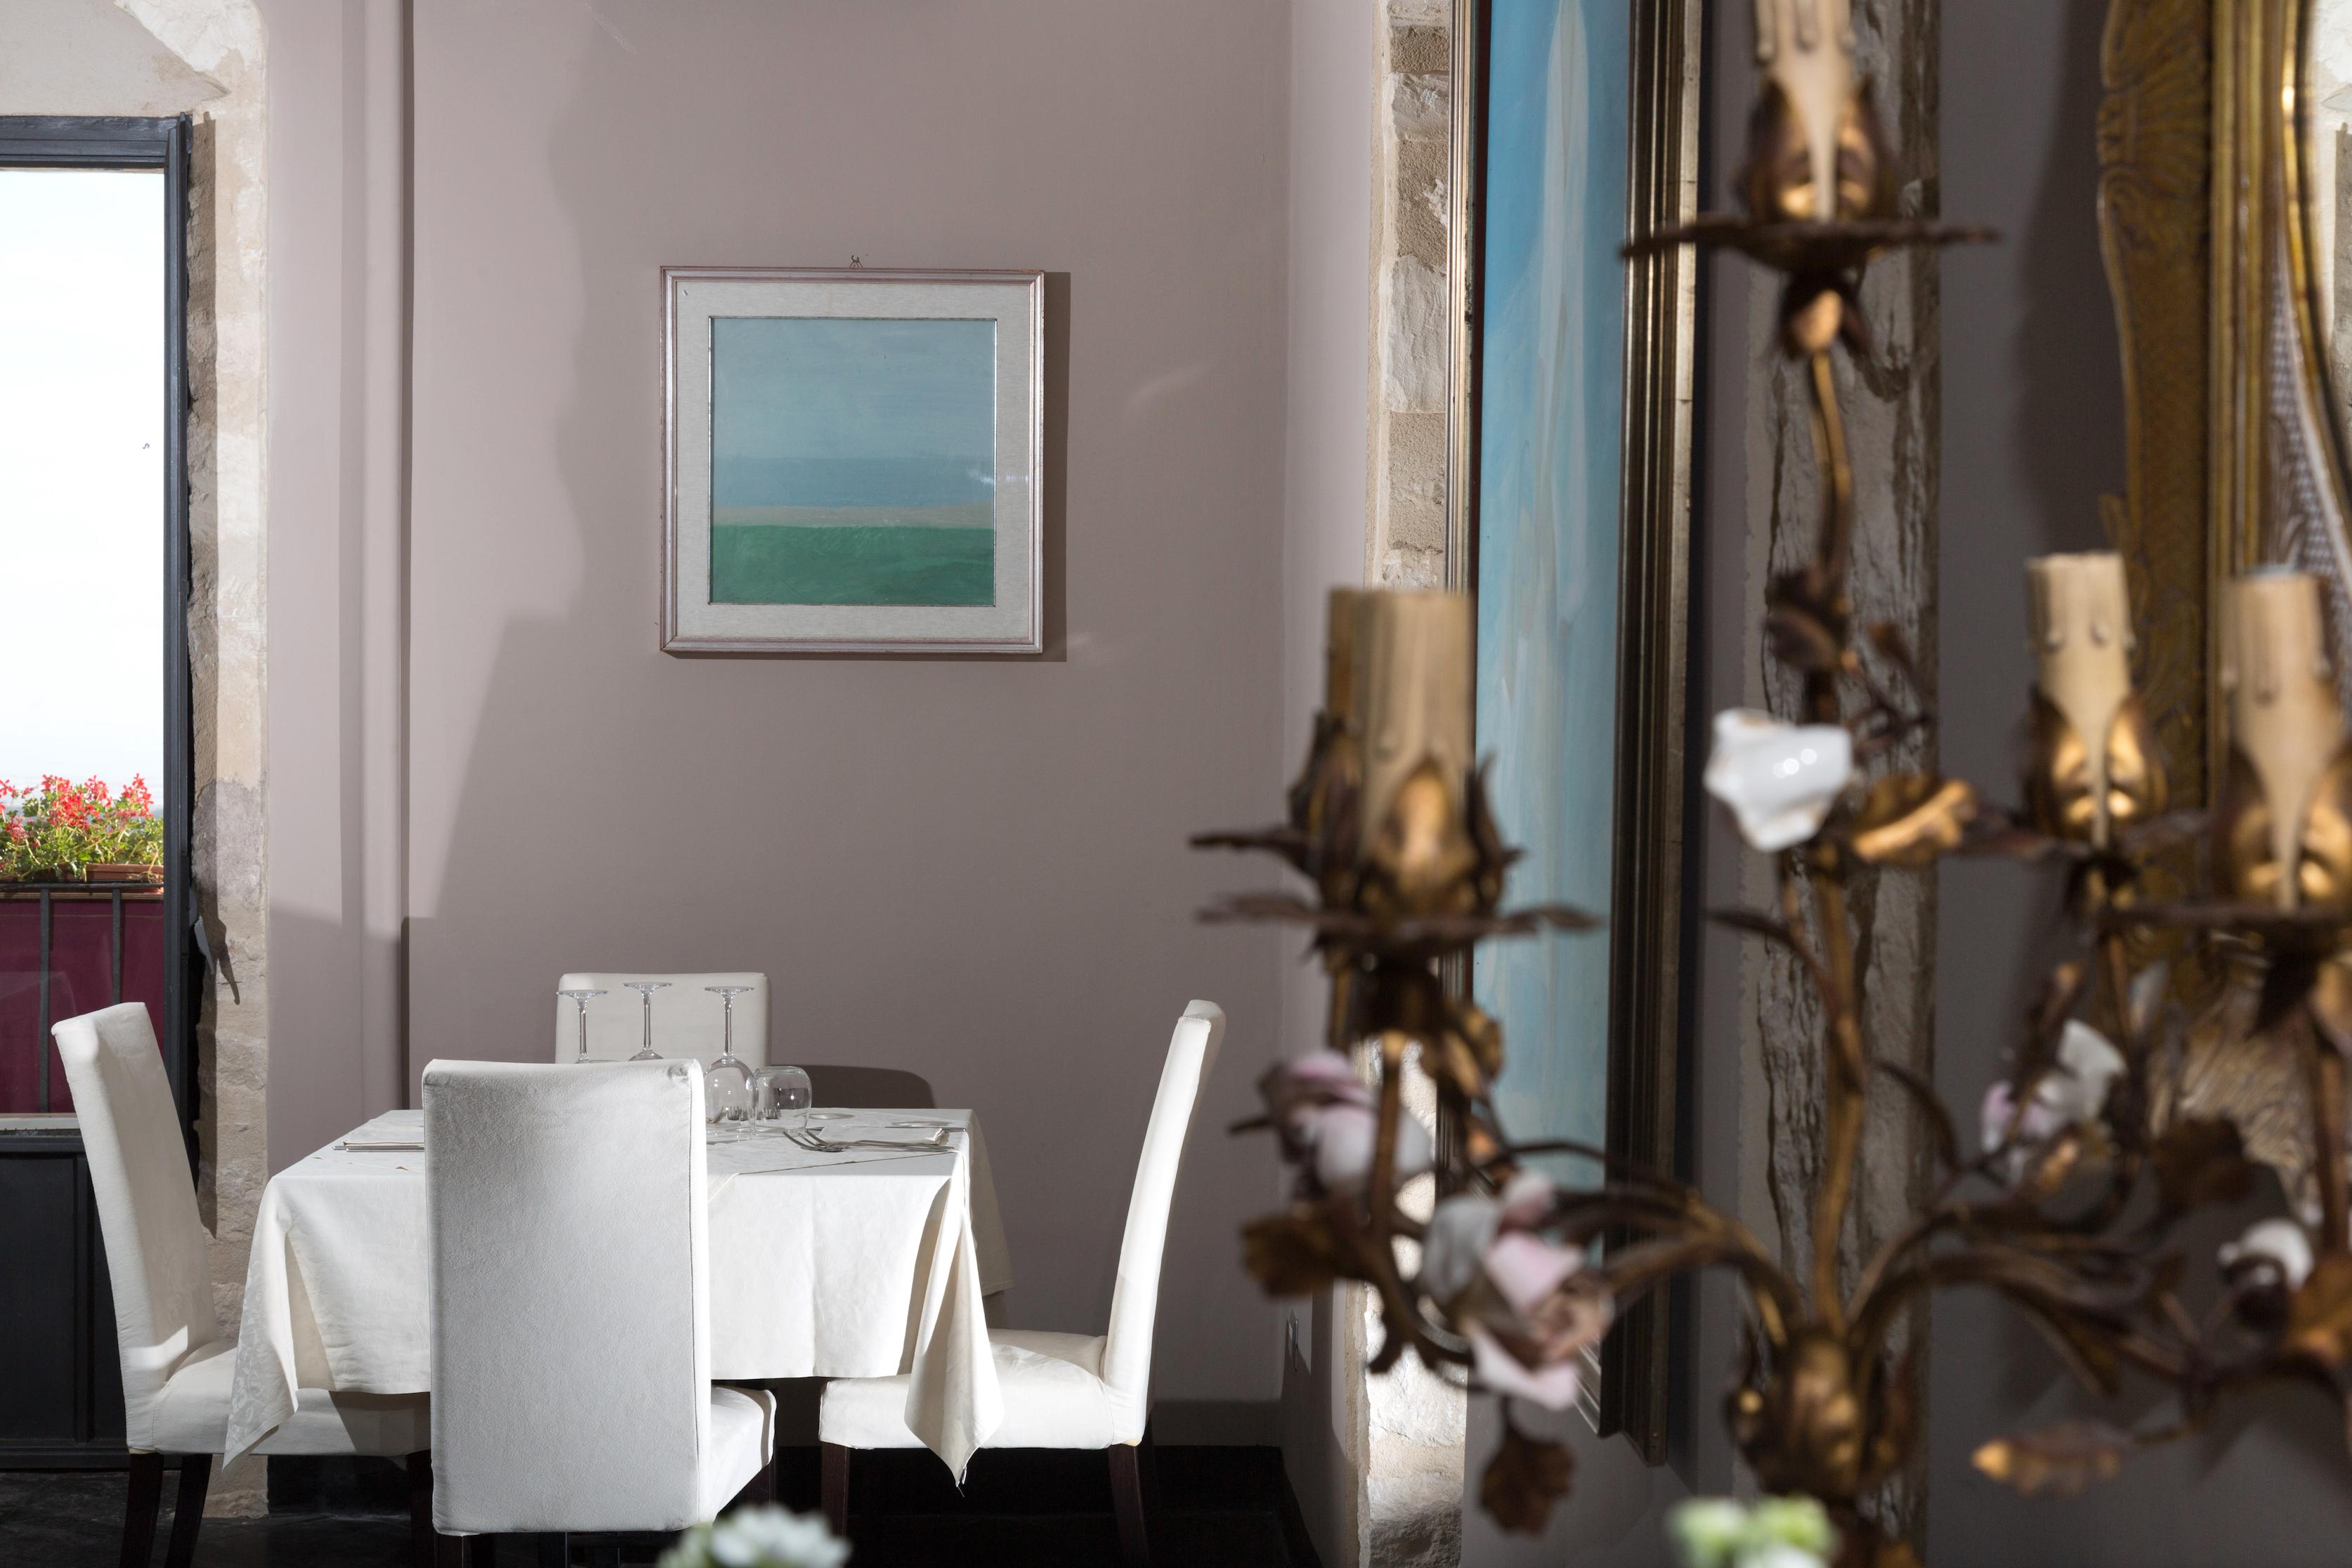 https://www.ragusanews.com//immagini_articoli/10-07-2016/1468161778-1-al-donnafugata-ristorante-in-una-cornice-da-sogno.jpg